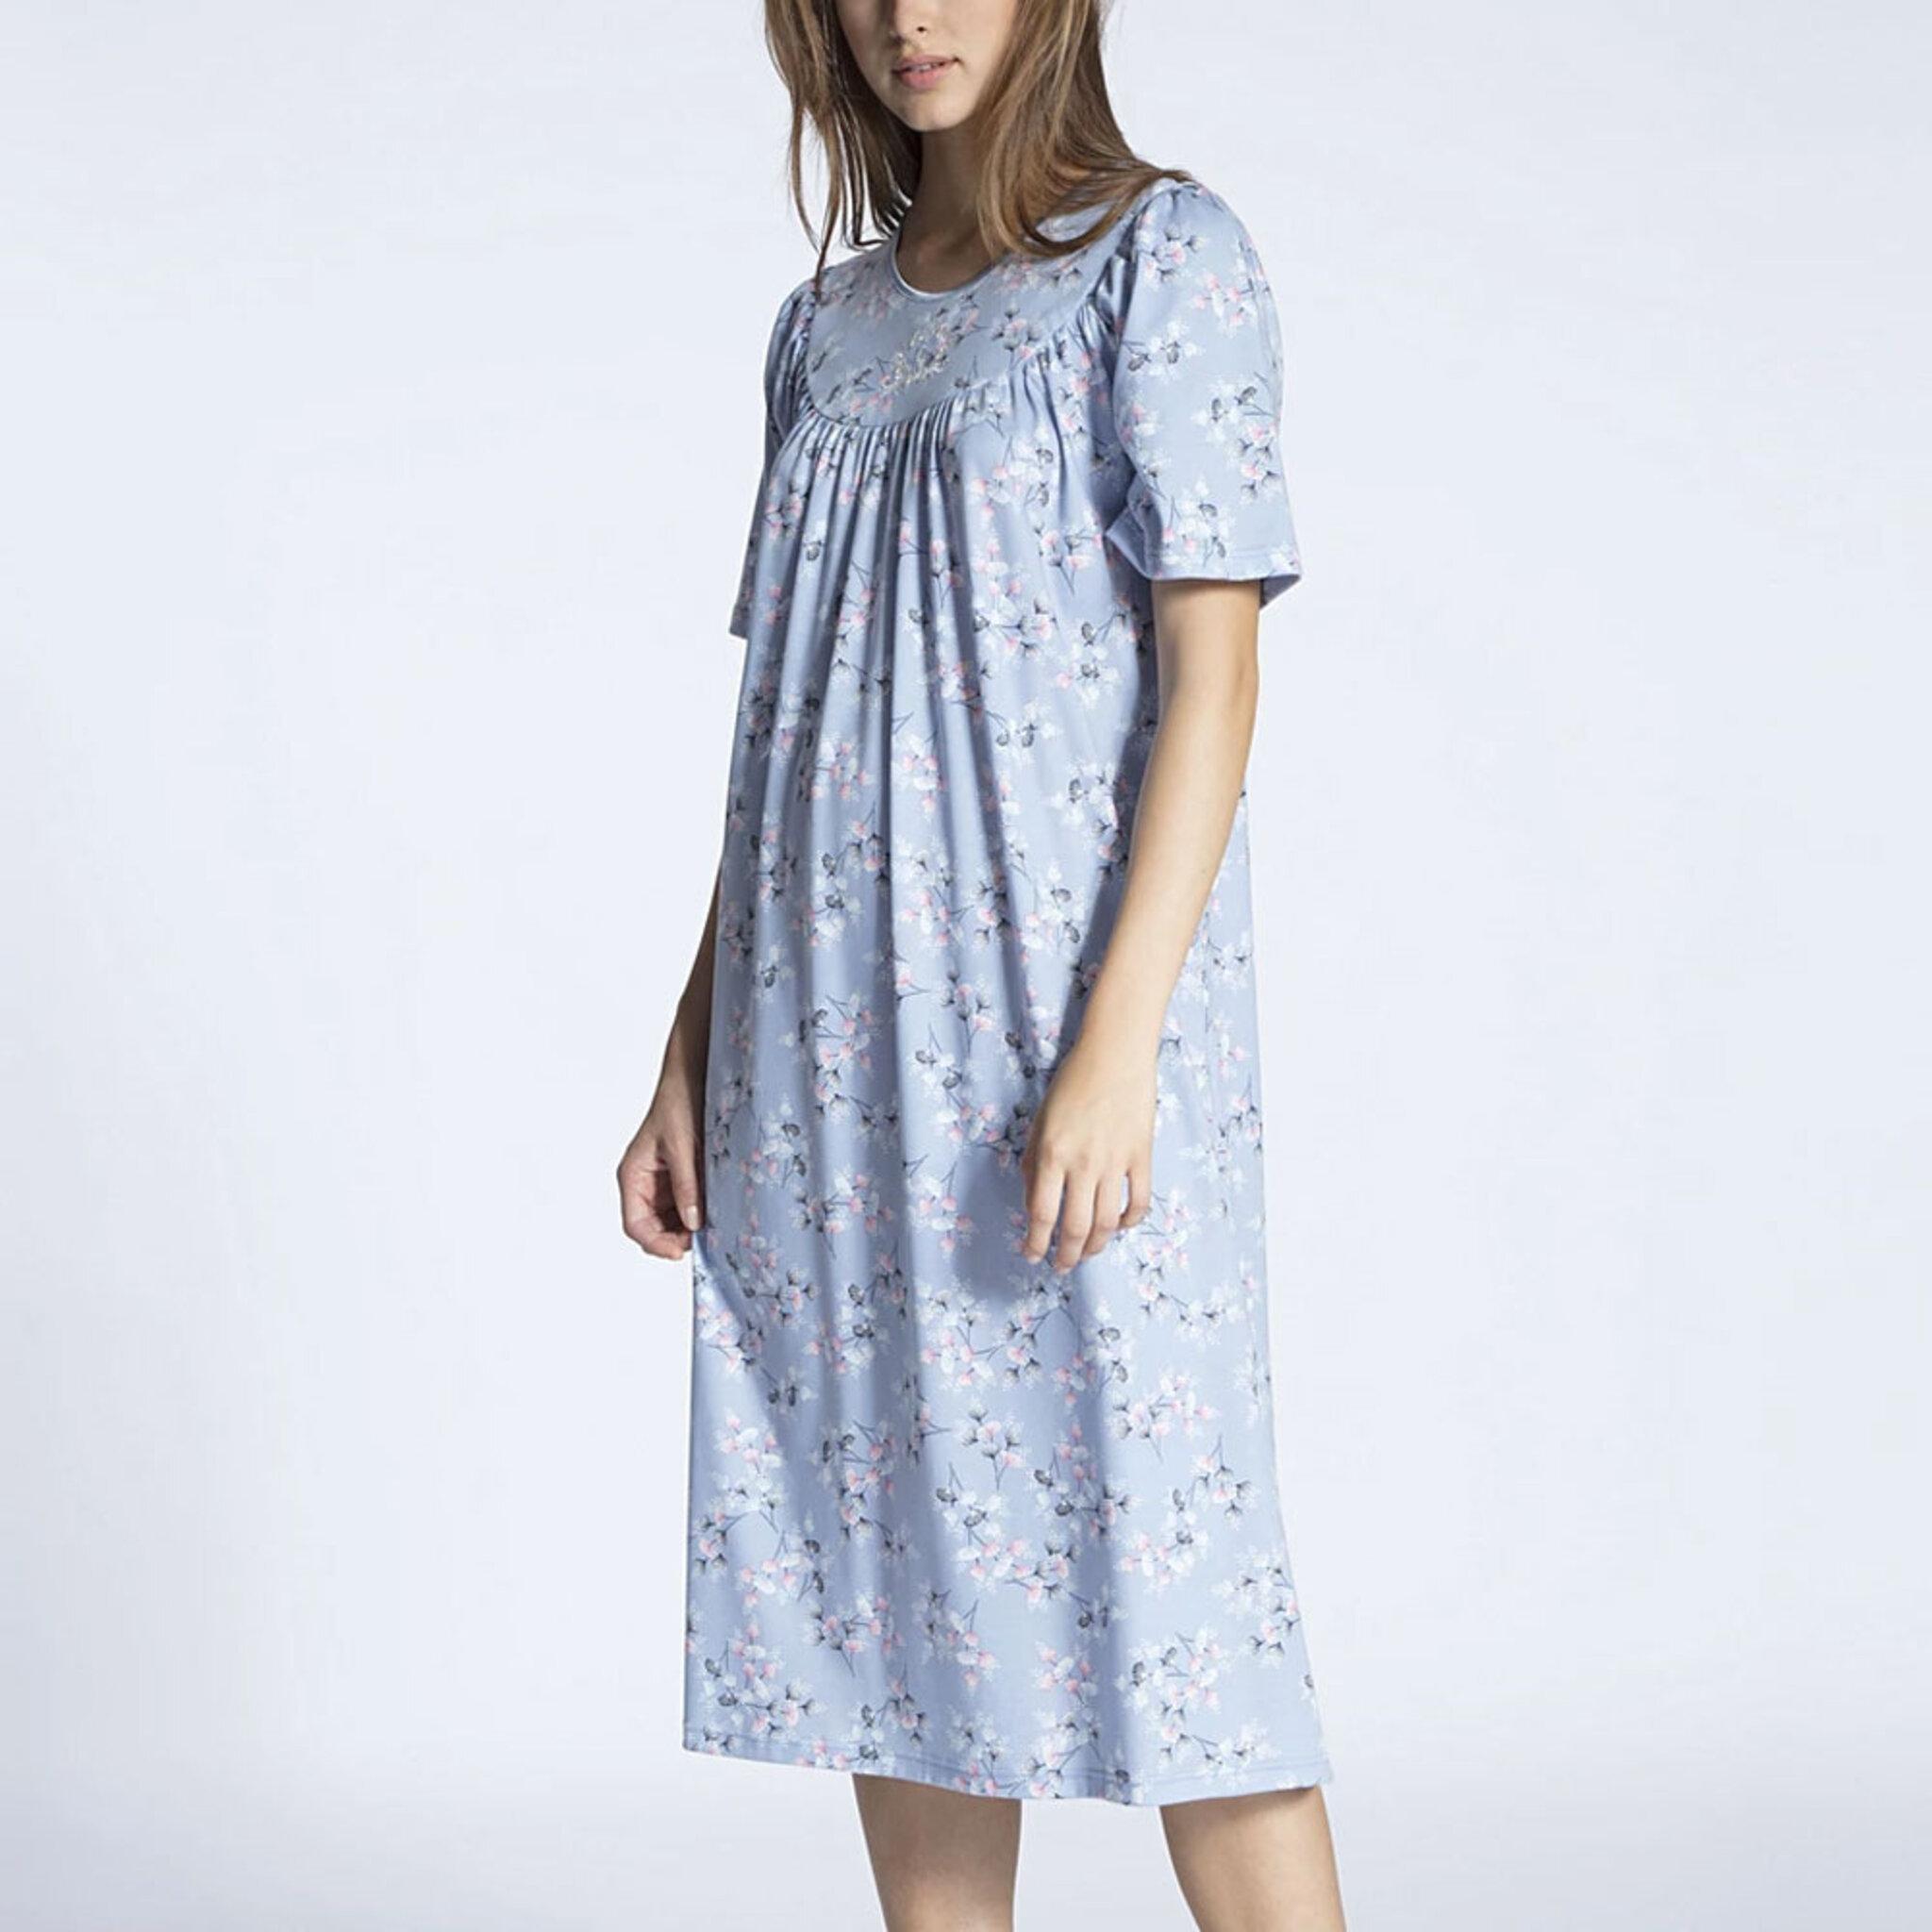 Nightdress Soft Cotton